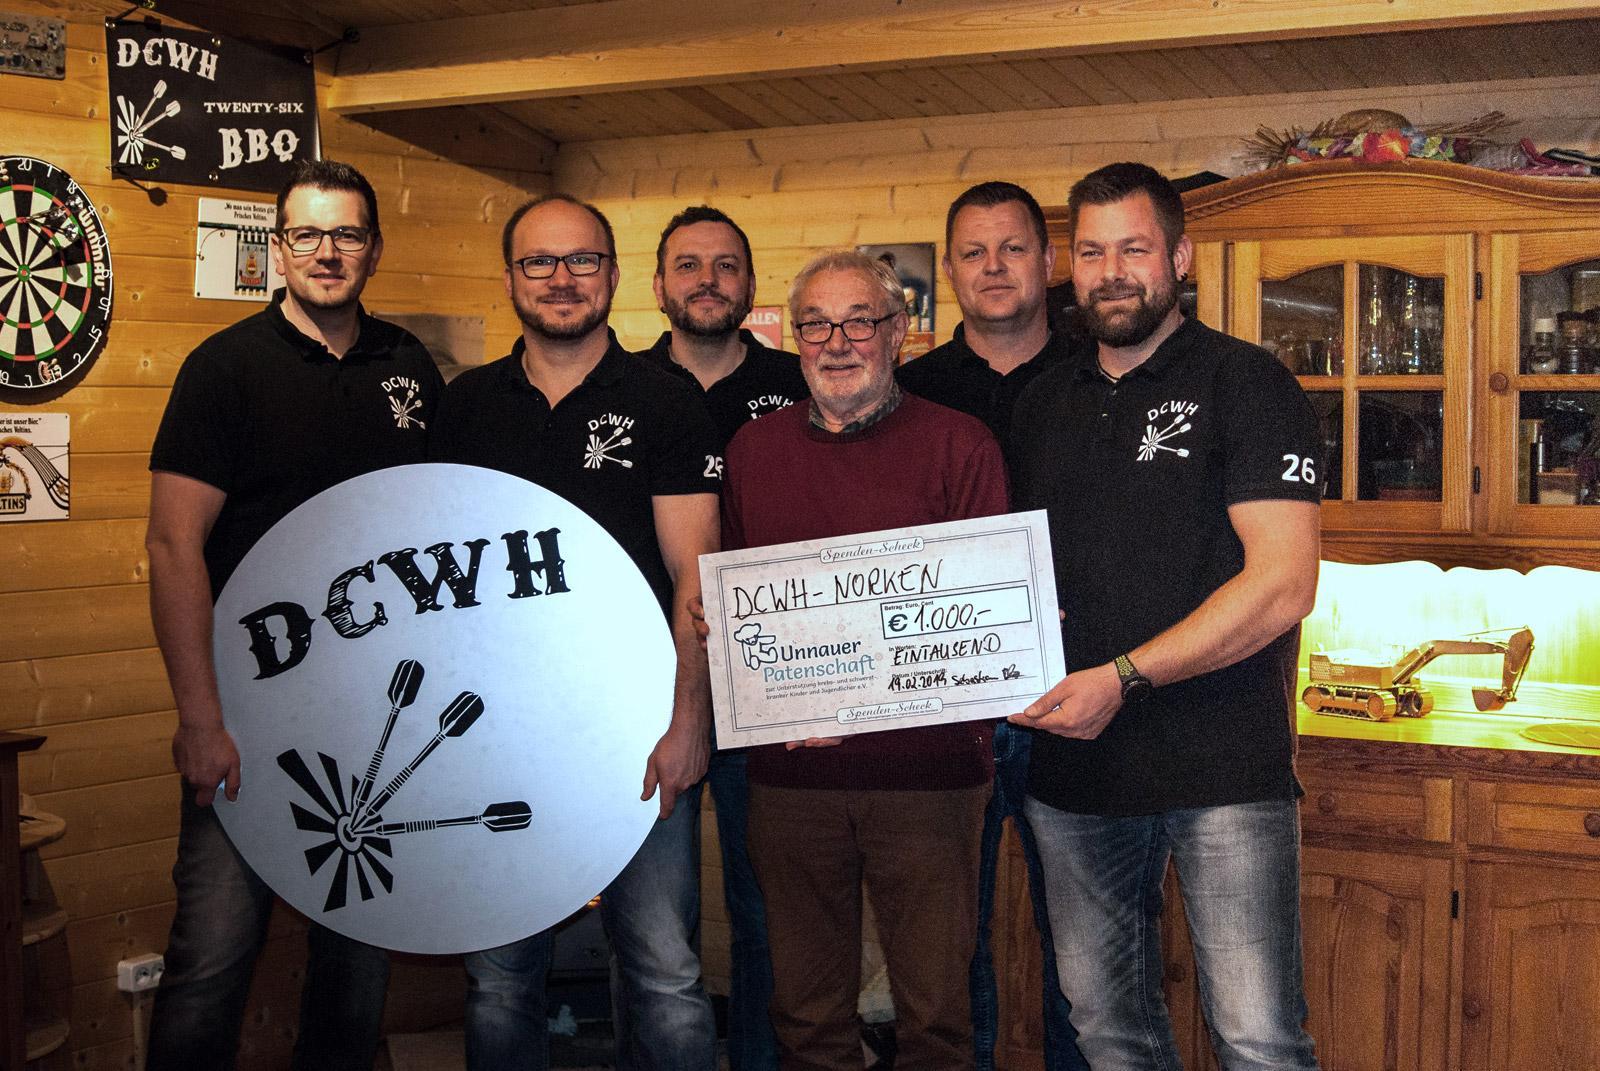 Weitere Spende vom Dartclub DCWH Norken an Unnauer Patenschaft